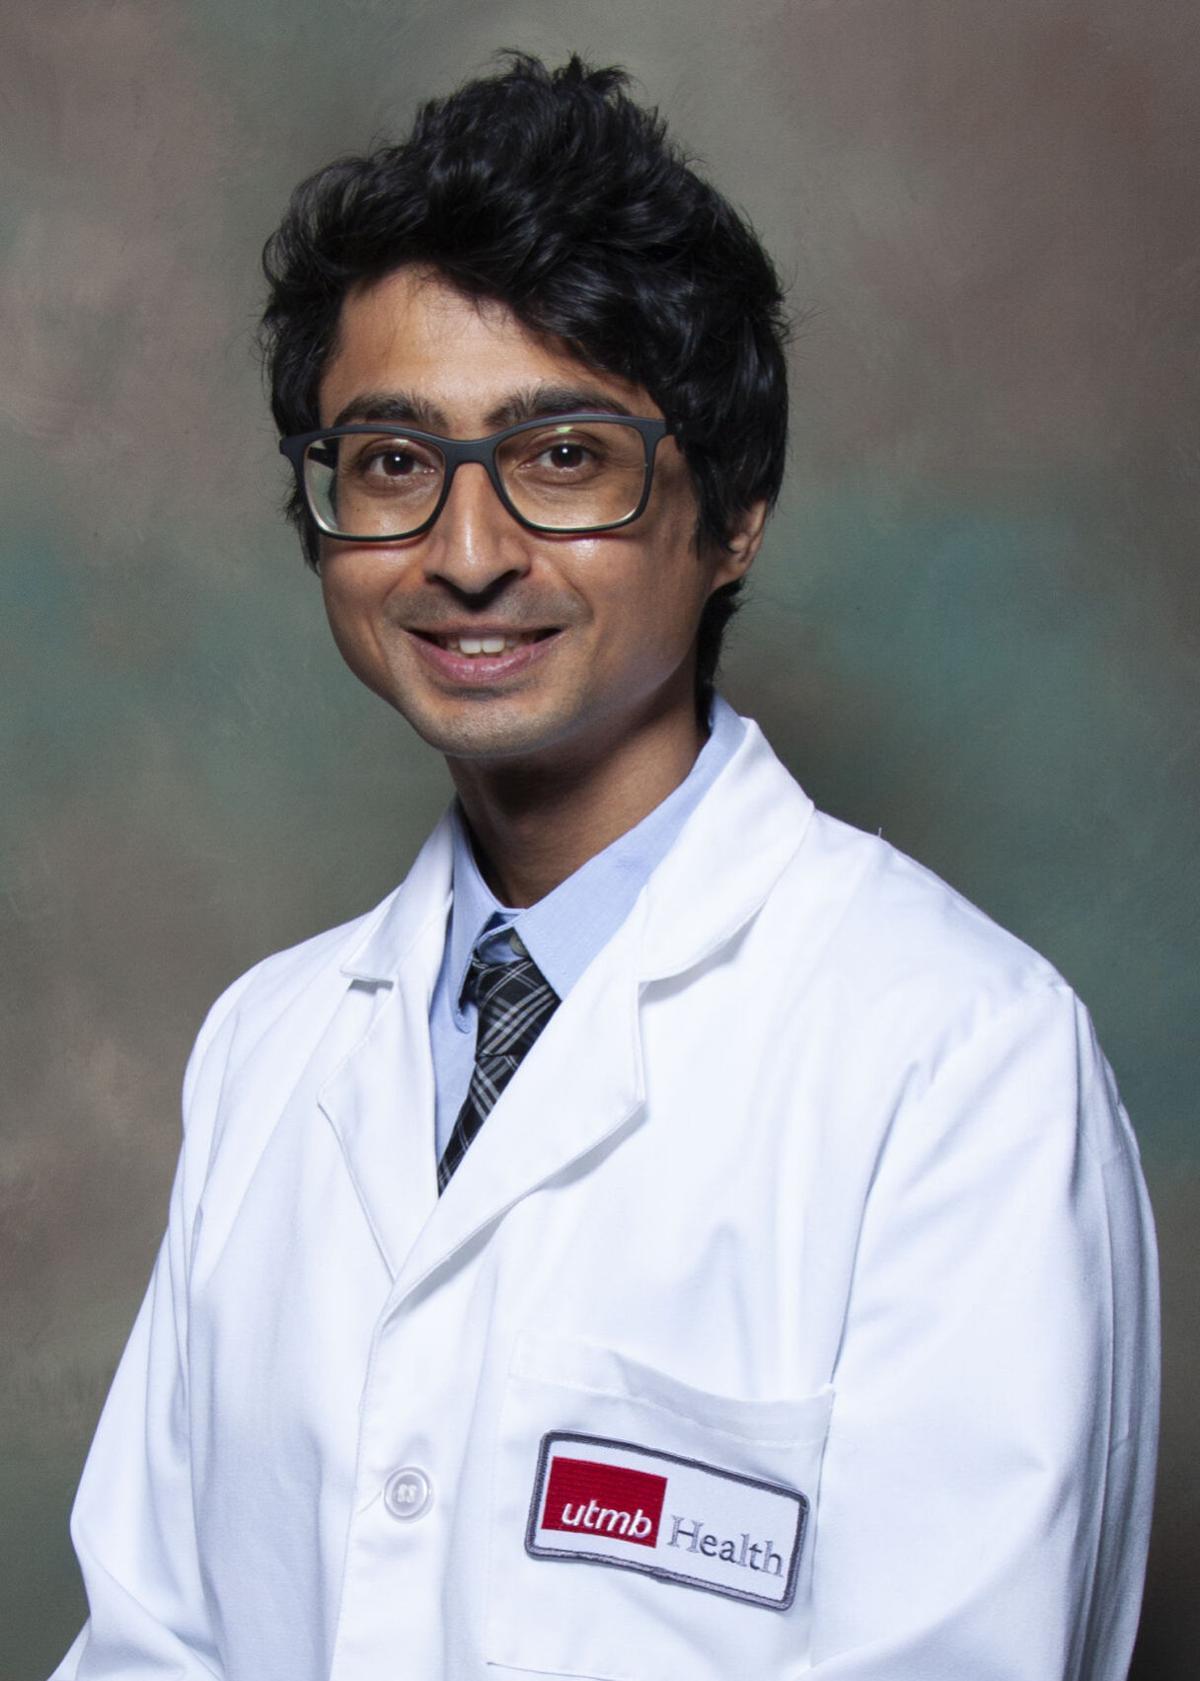 Dr. Sagar Kamprath